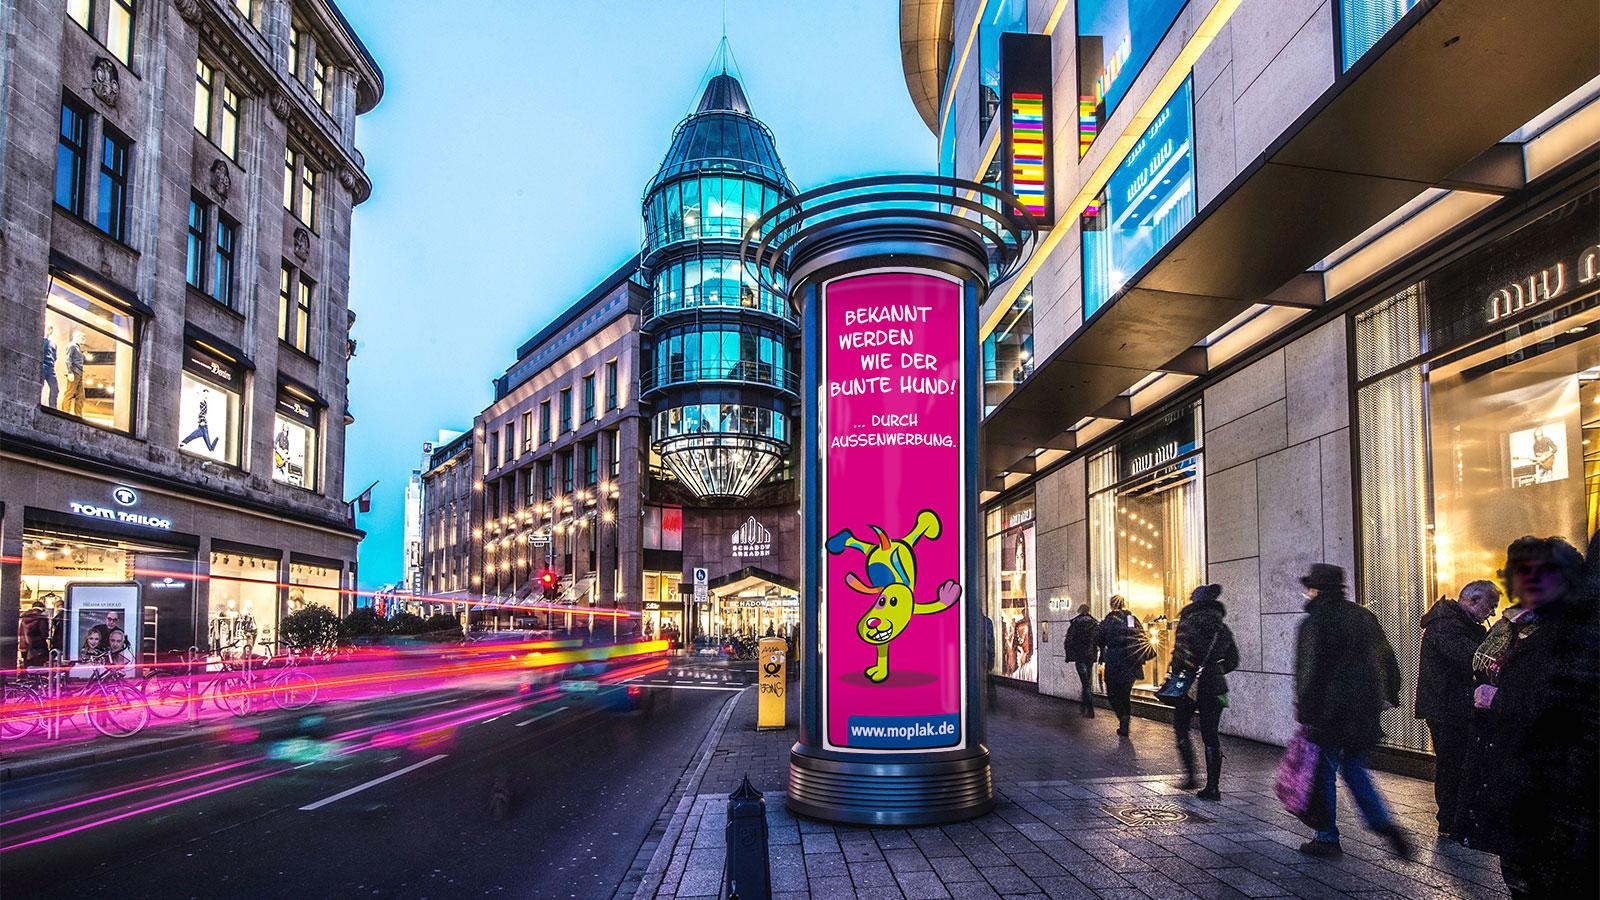 Duisburg-Aussenwerbung-Litfasssaeule-Werbung